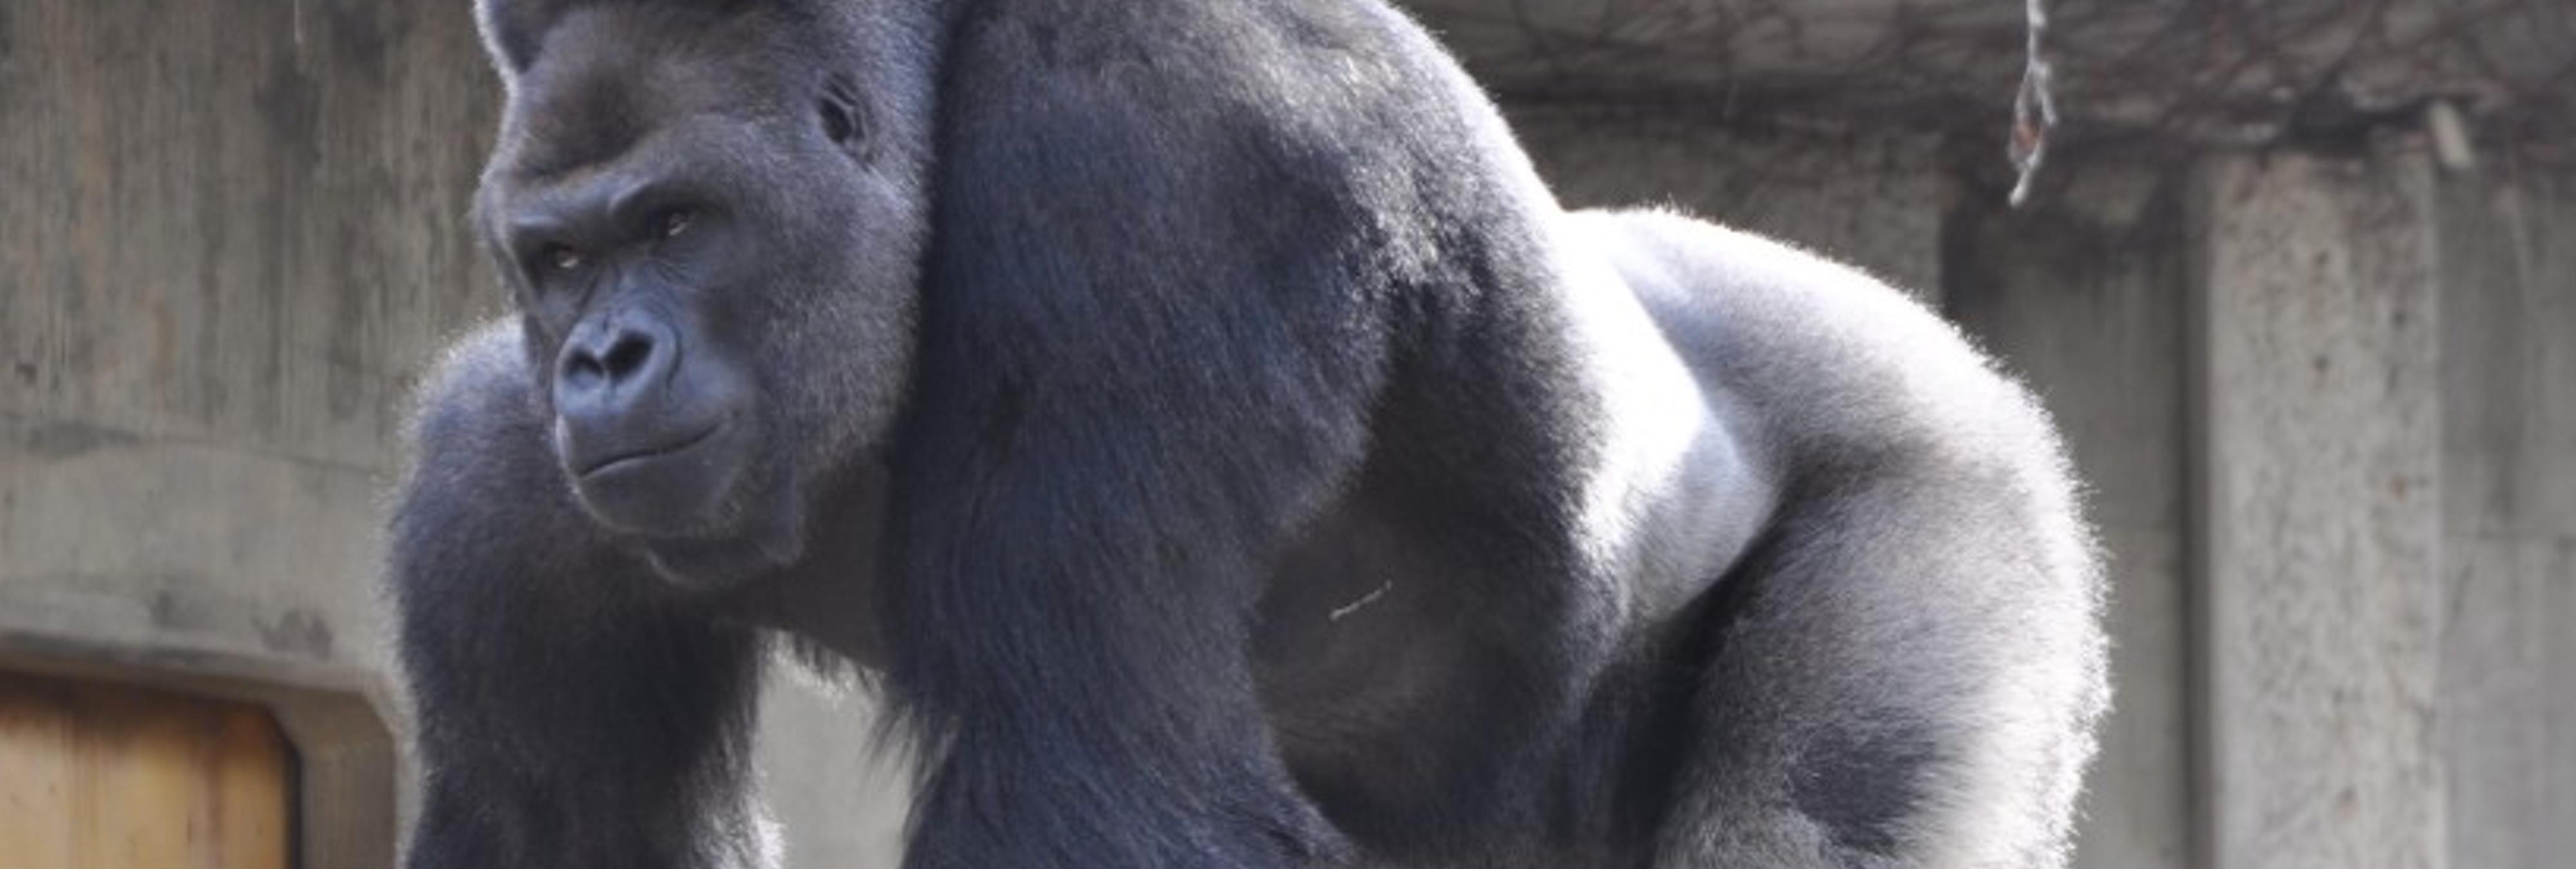 El gorila por el que suspiran las japonesas